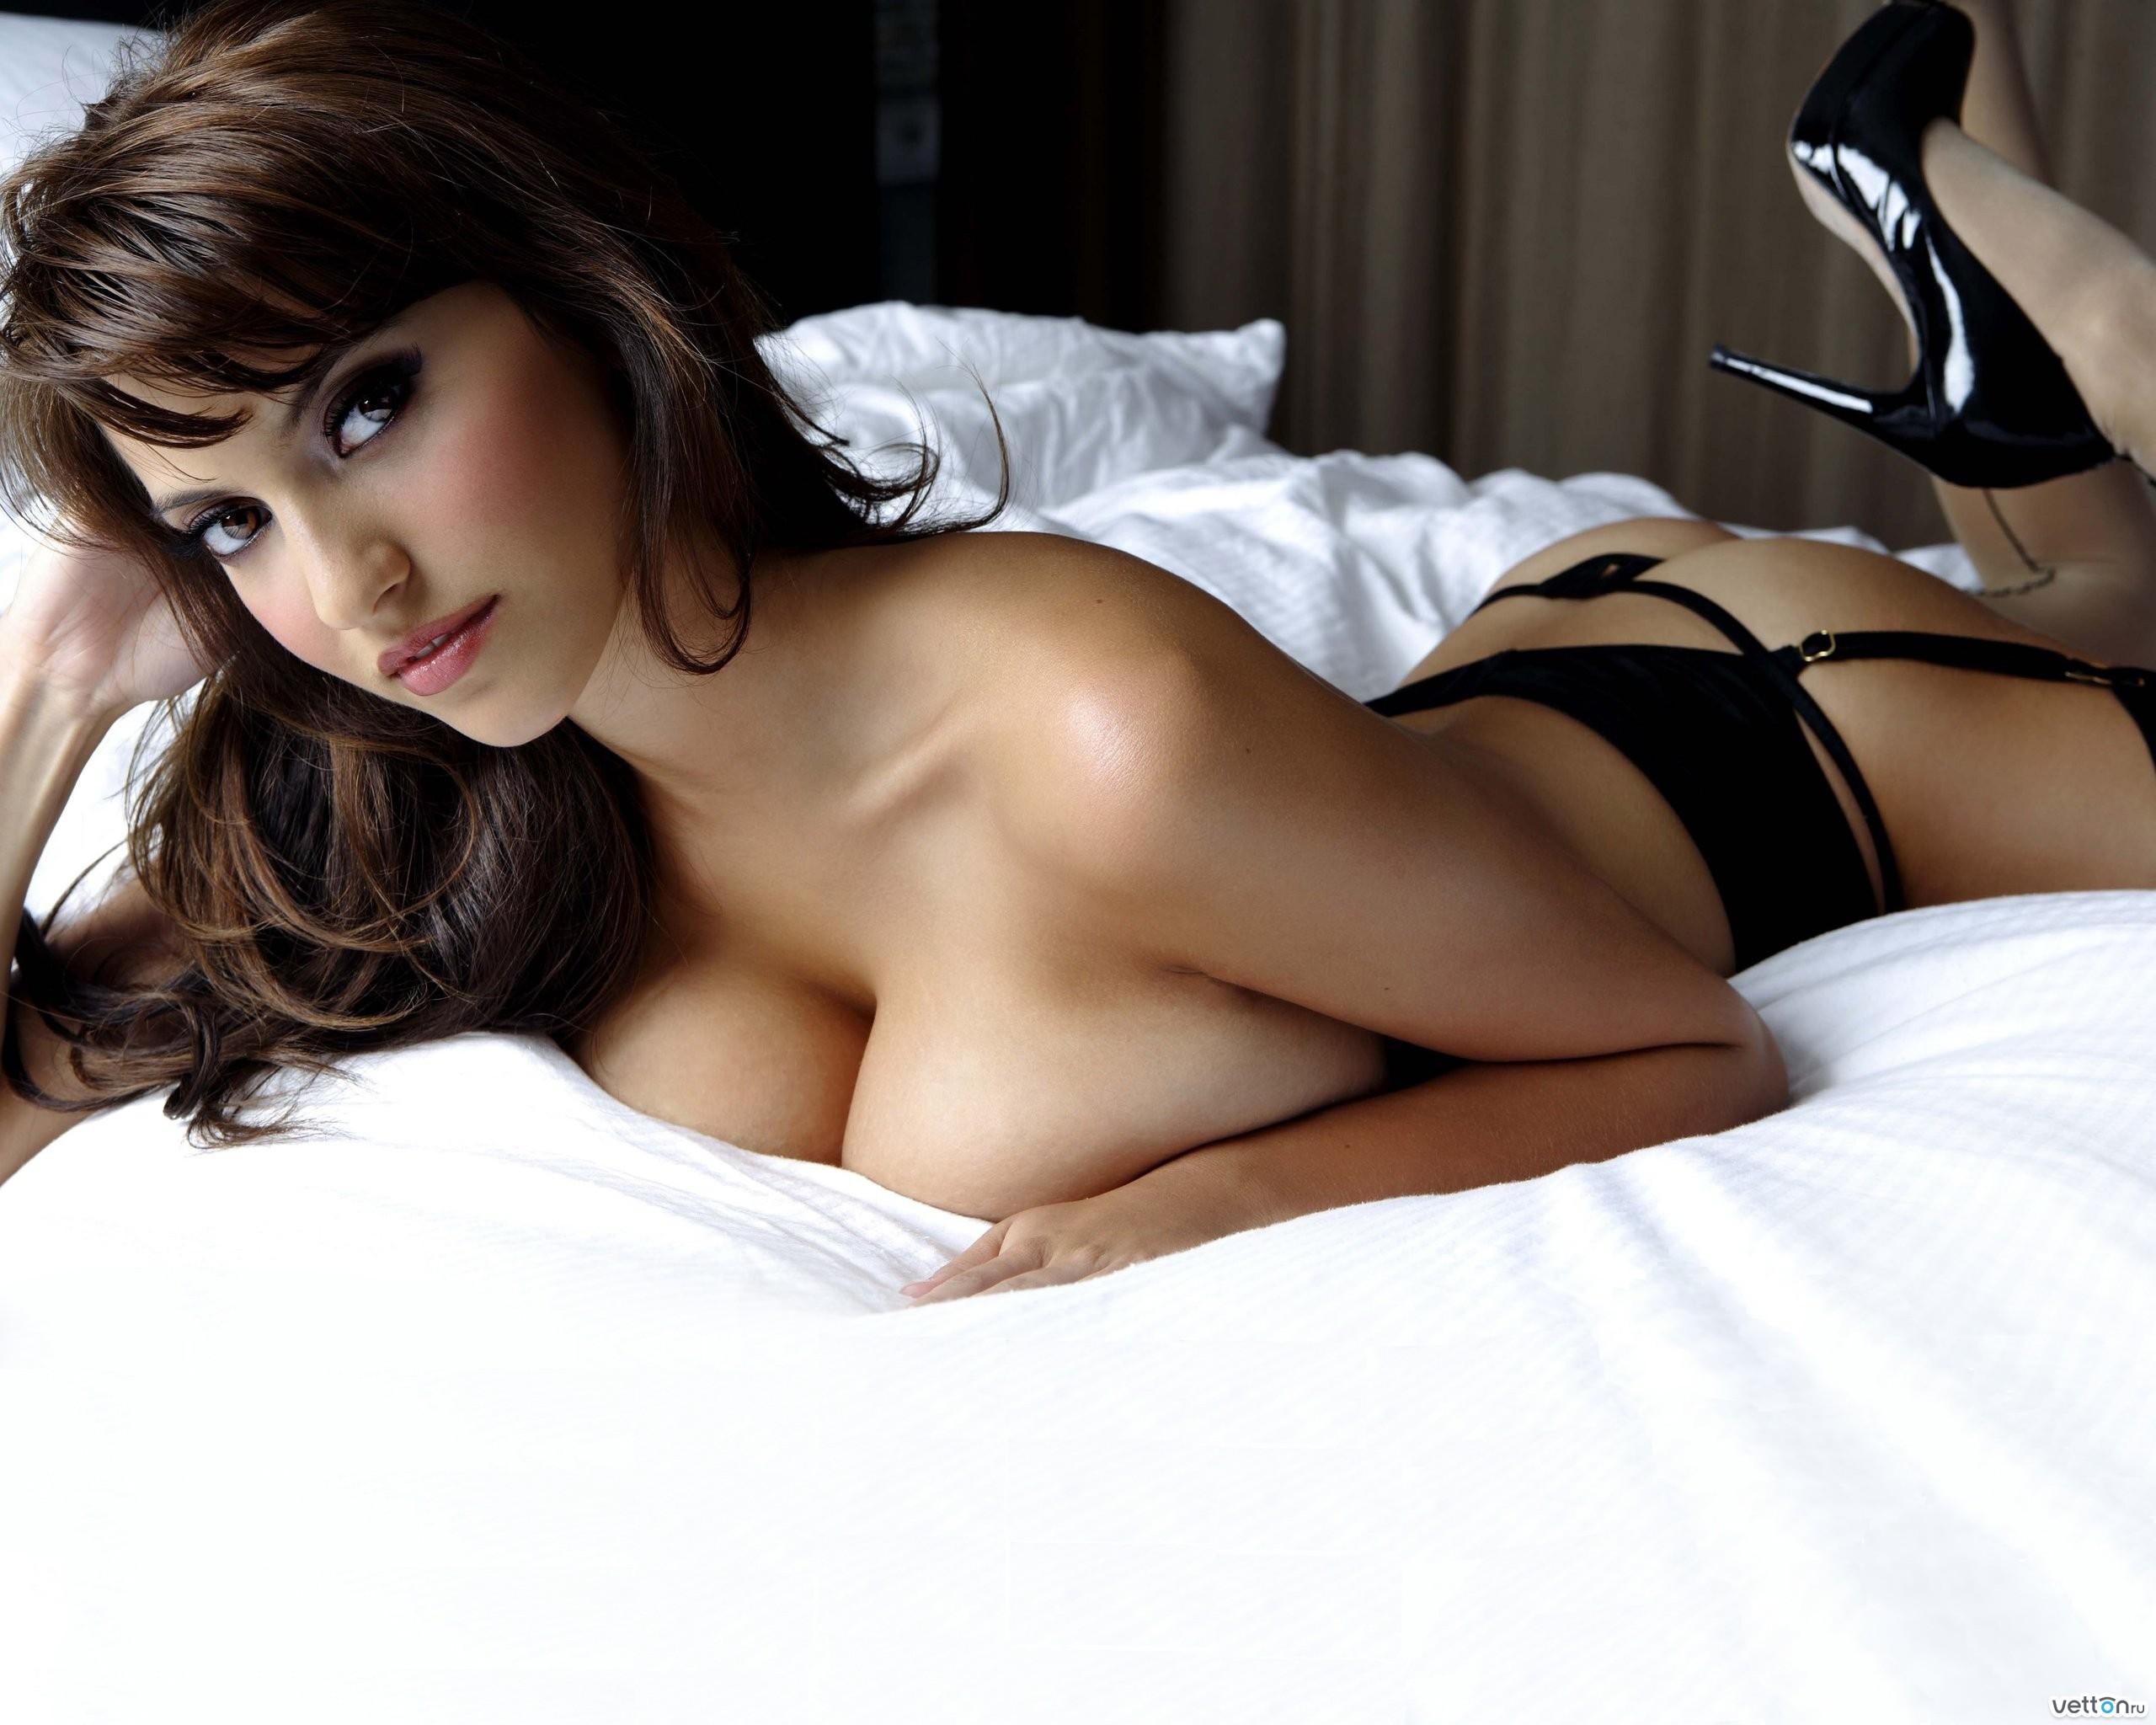 Очень красивые очень сексуальные девчонки